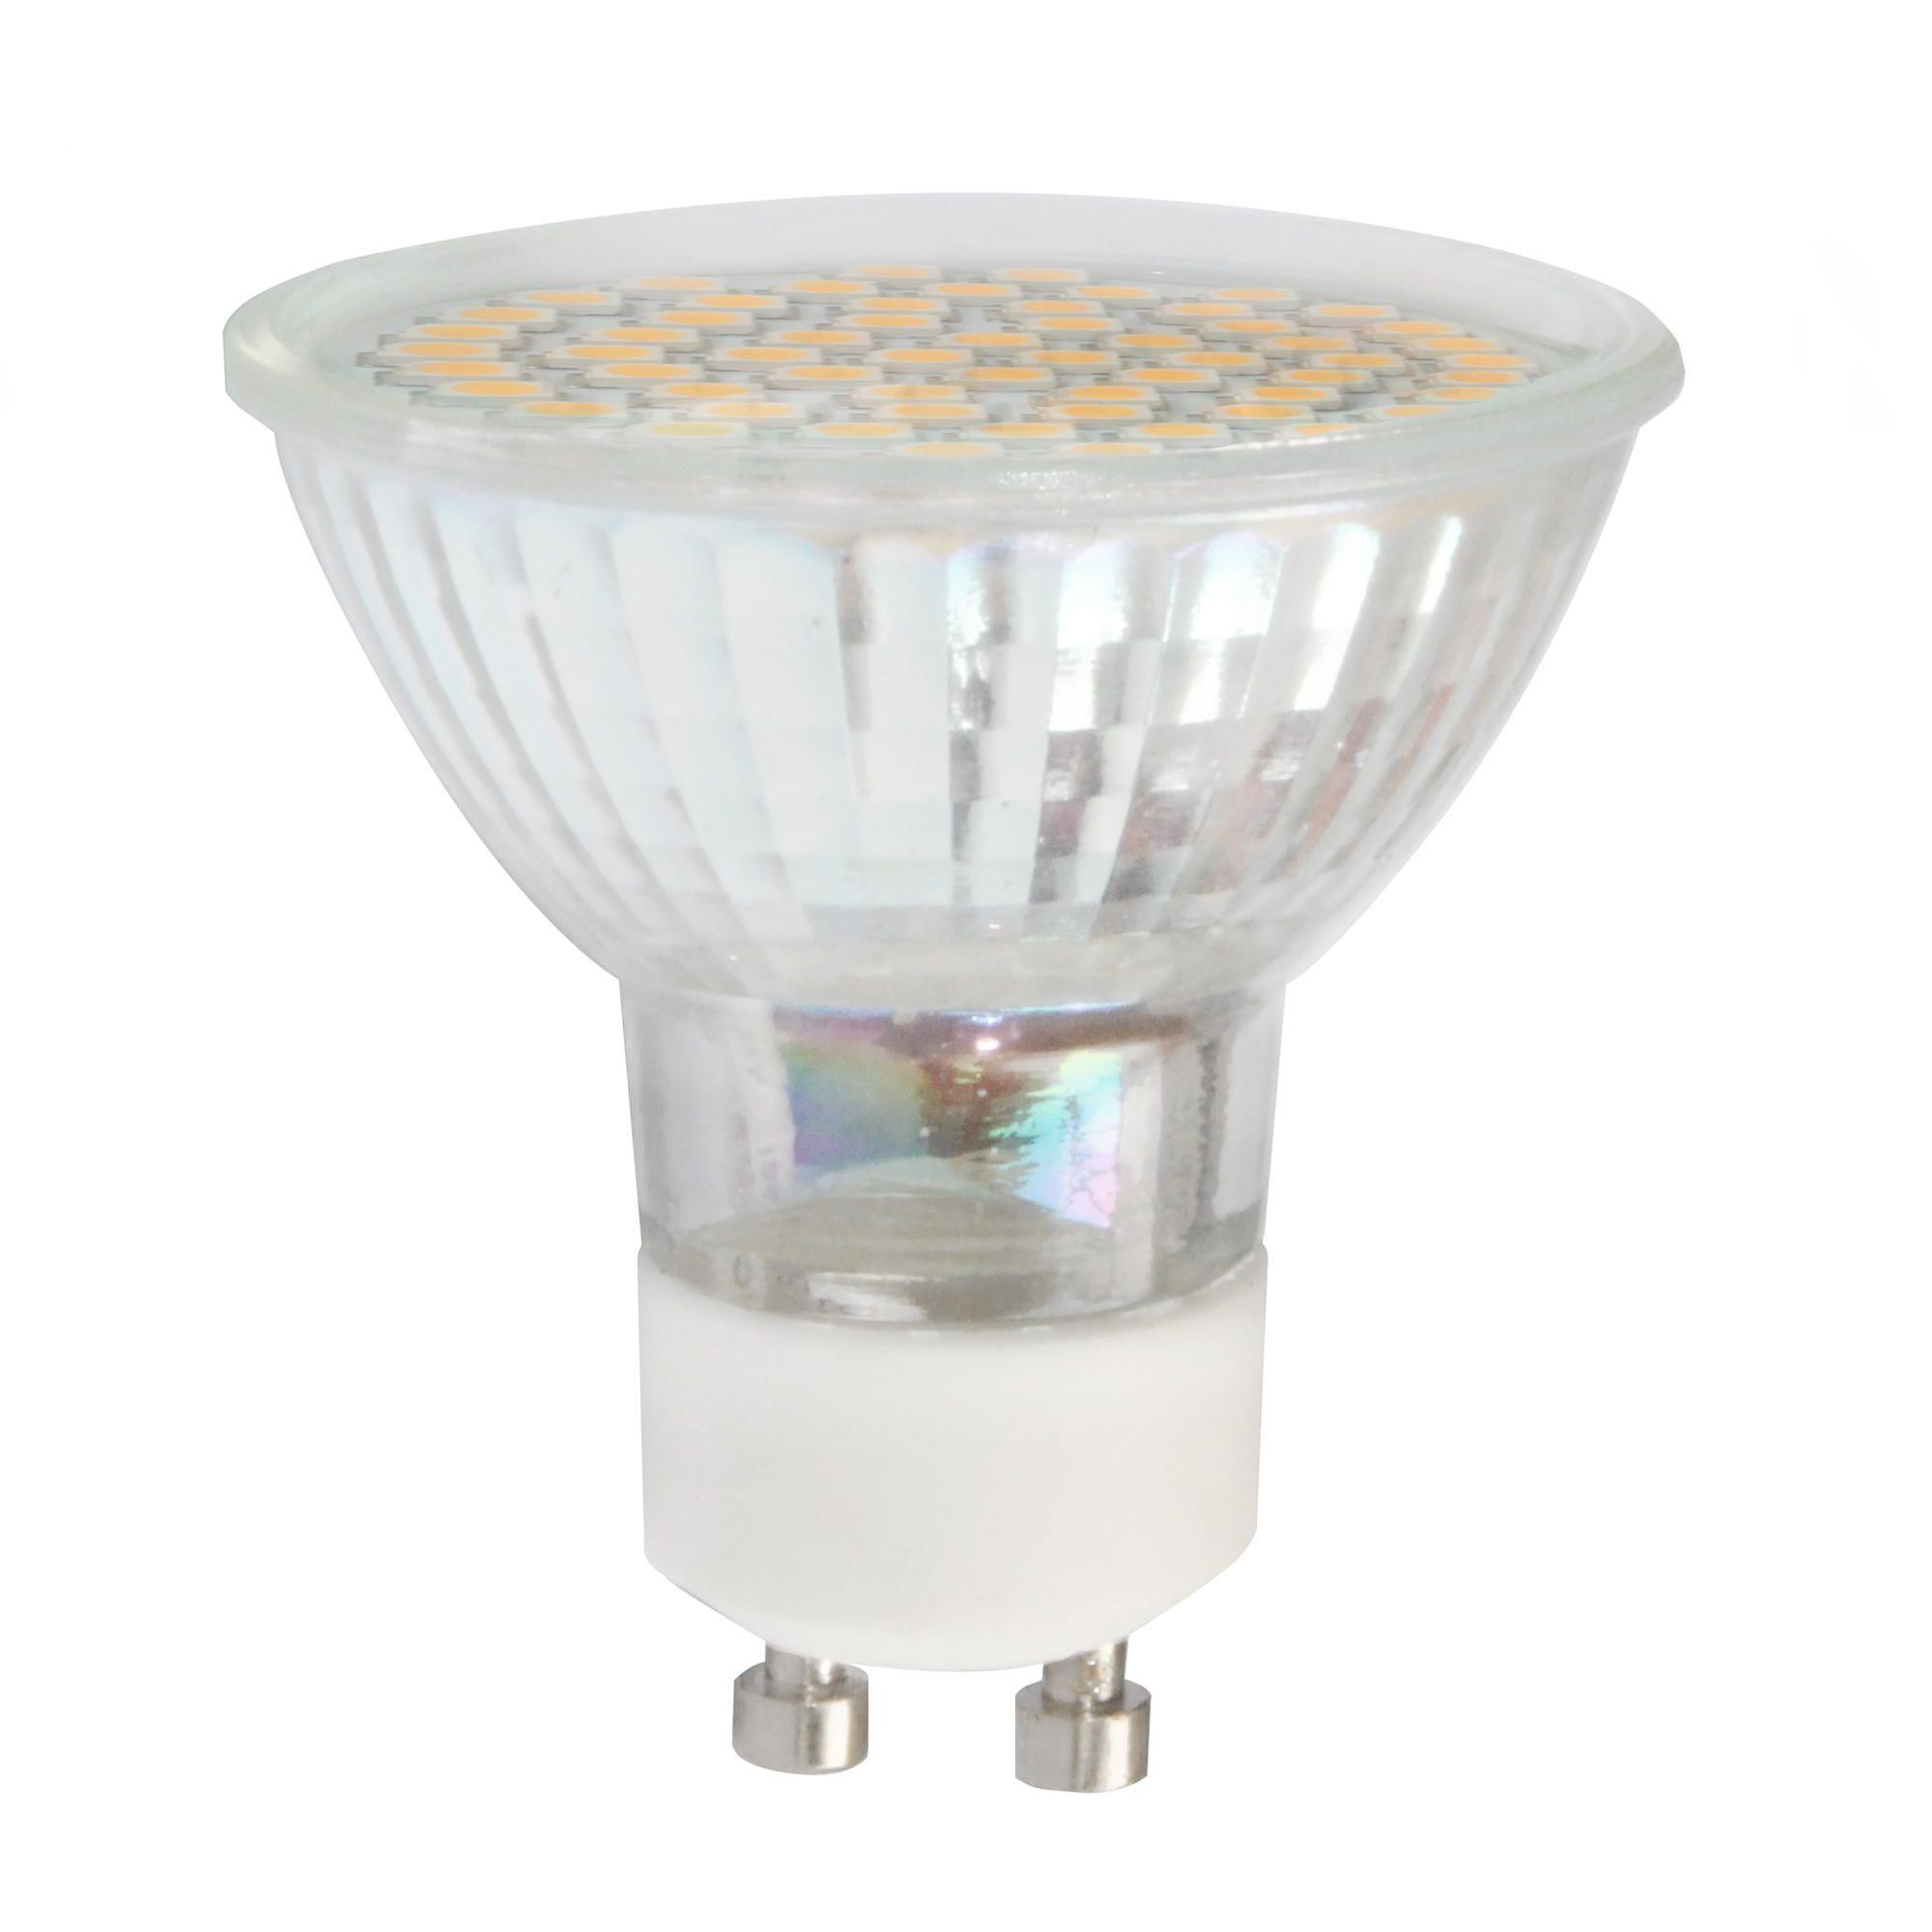 m48-19271-3.4-watt-gu10-led-bulb-warm-white_1 Wunderbar Led Gu 10 Dekorationen